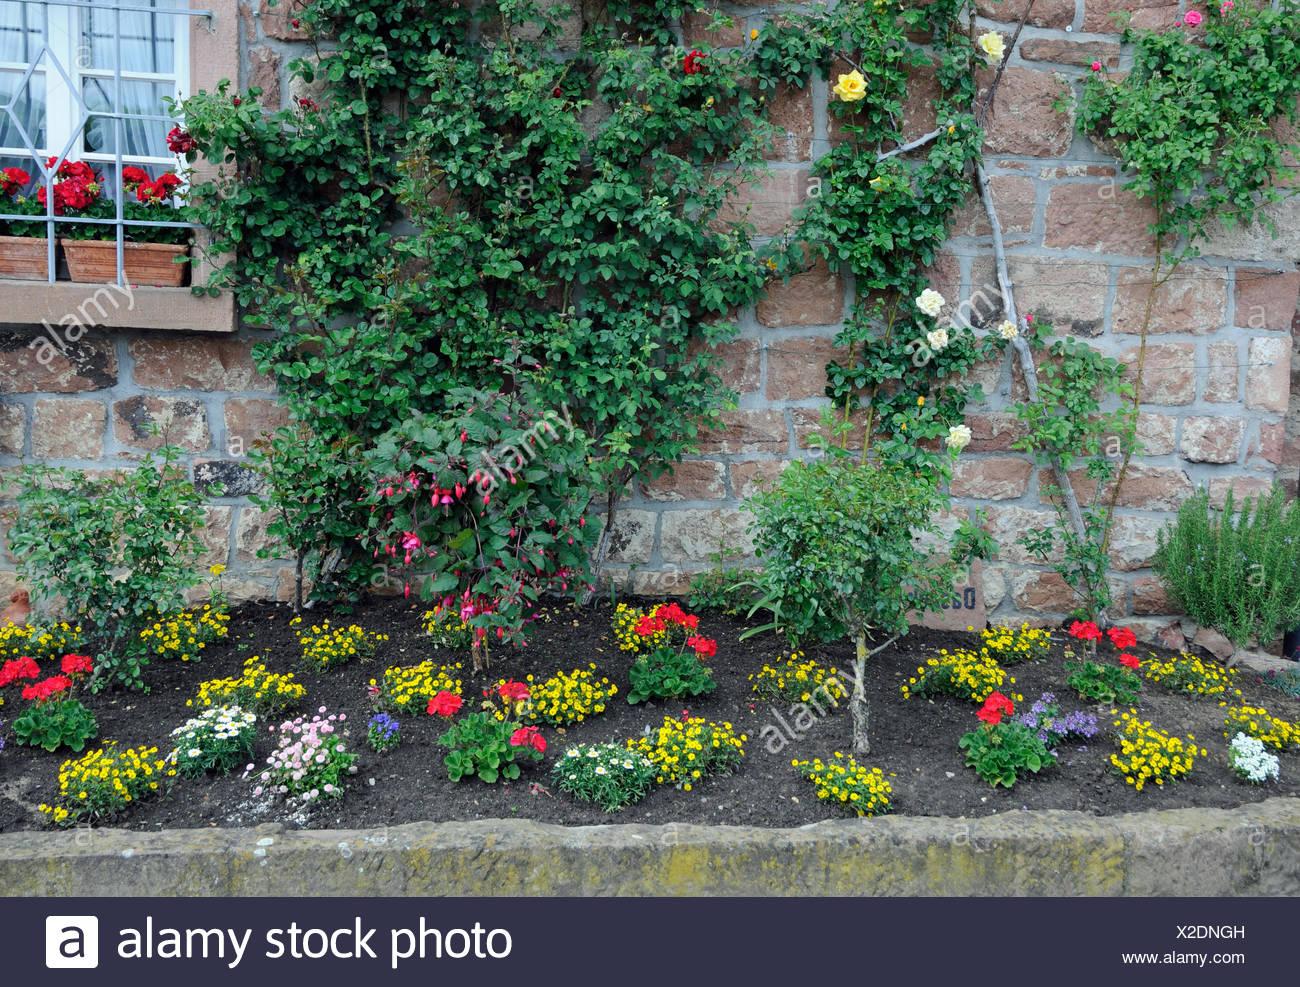 Blumenrabatte Rabatte Blumen Zierpflanzen Garten Park